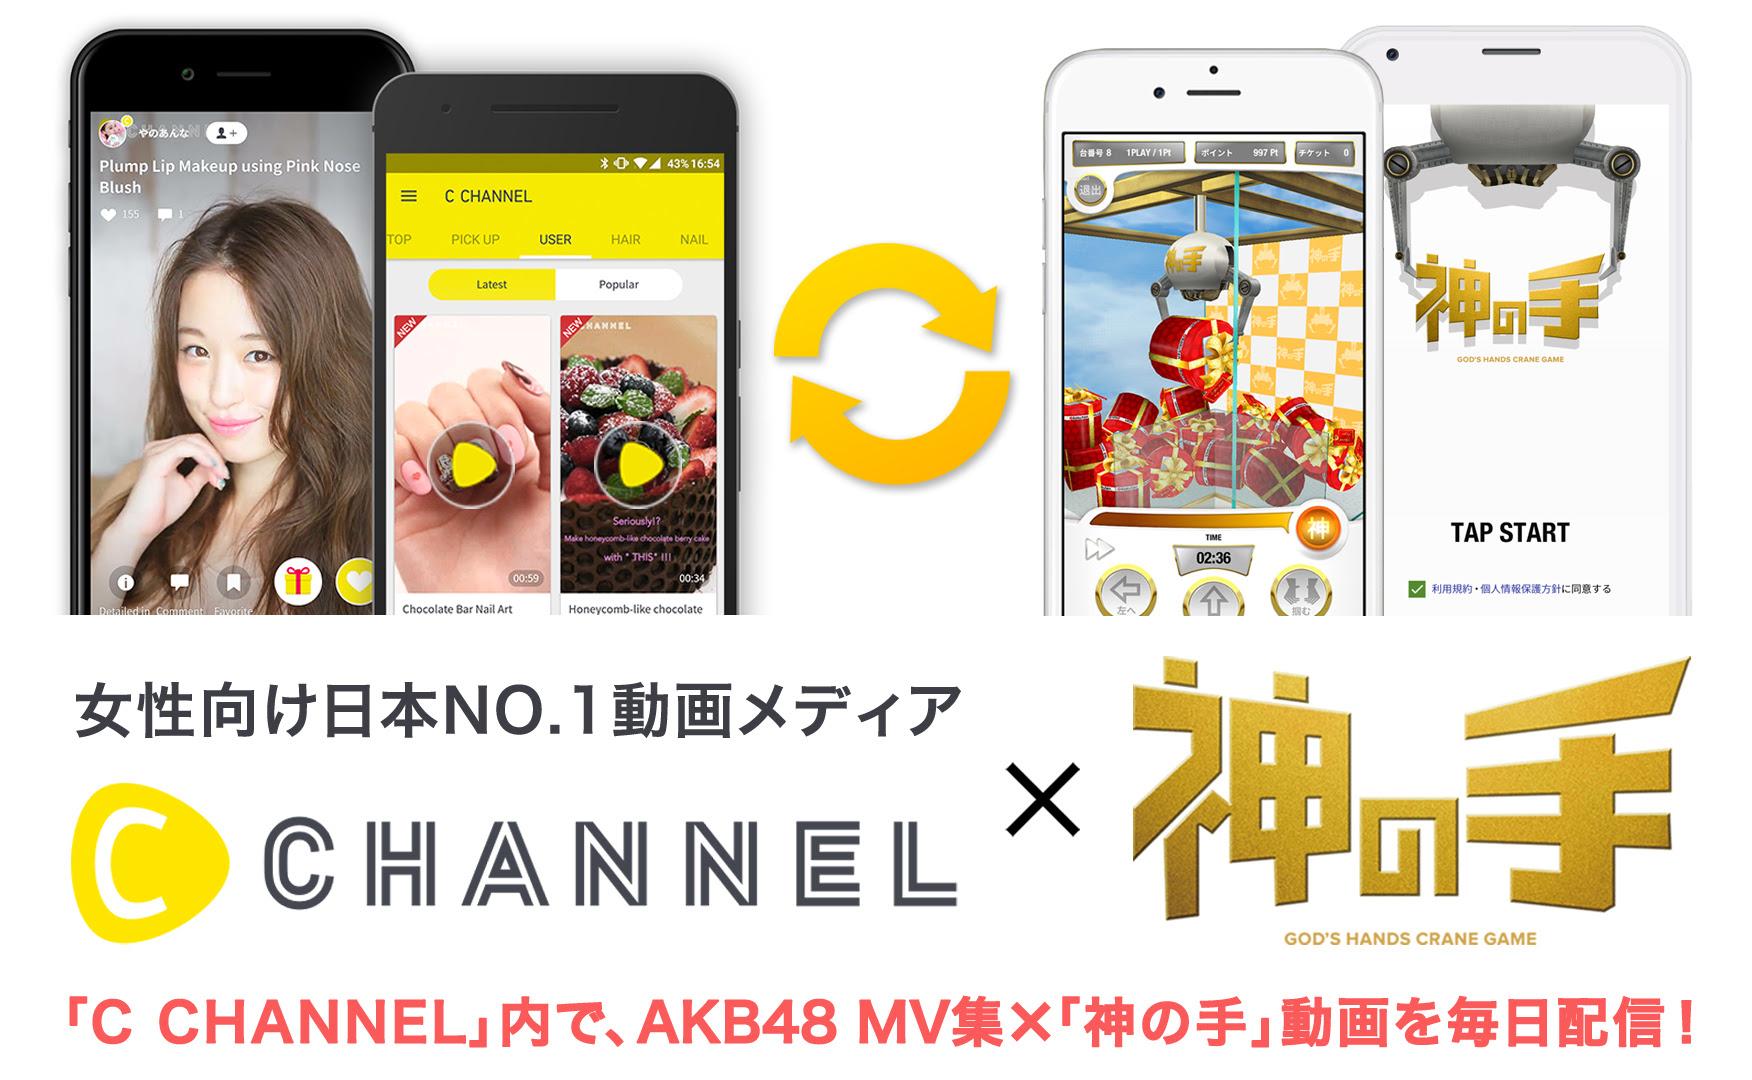 女性向け日本NO.1動画メディア 「C CHANNEL」と「神の手」コラボスタート!  AKB48最新ミュージックビデオ集発売記念!